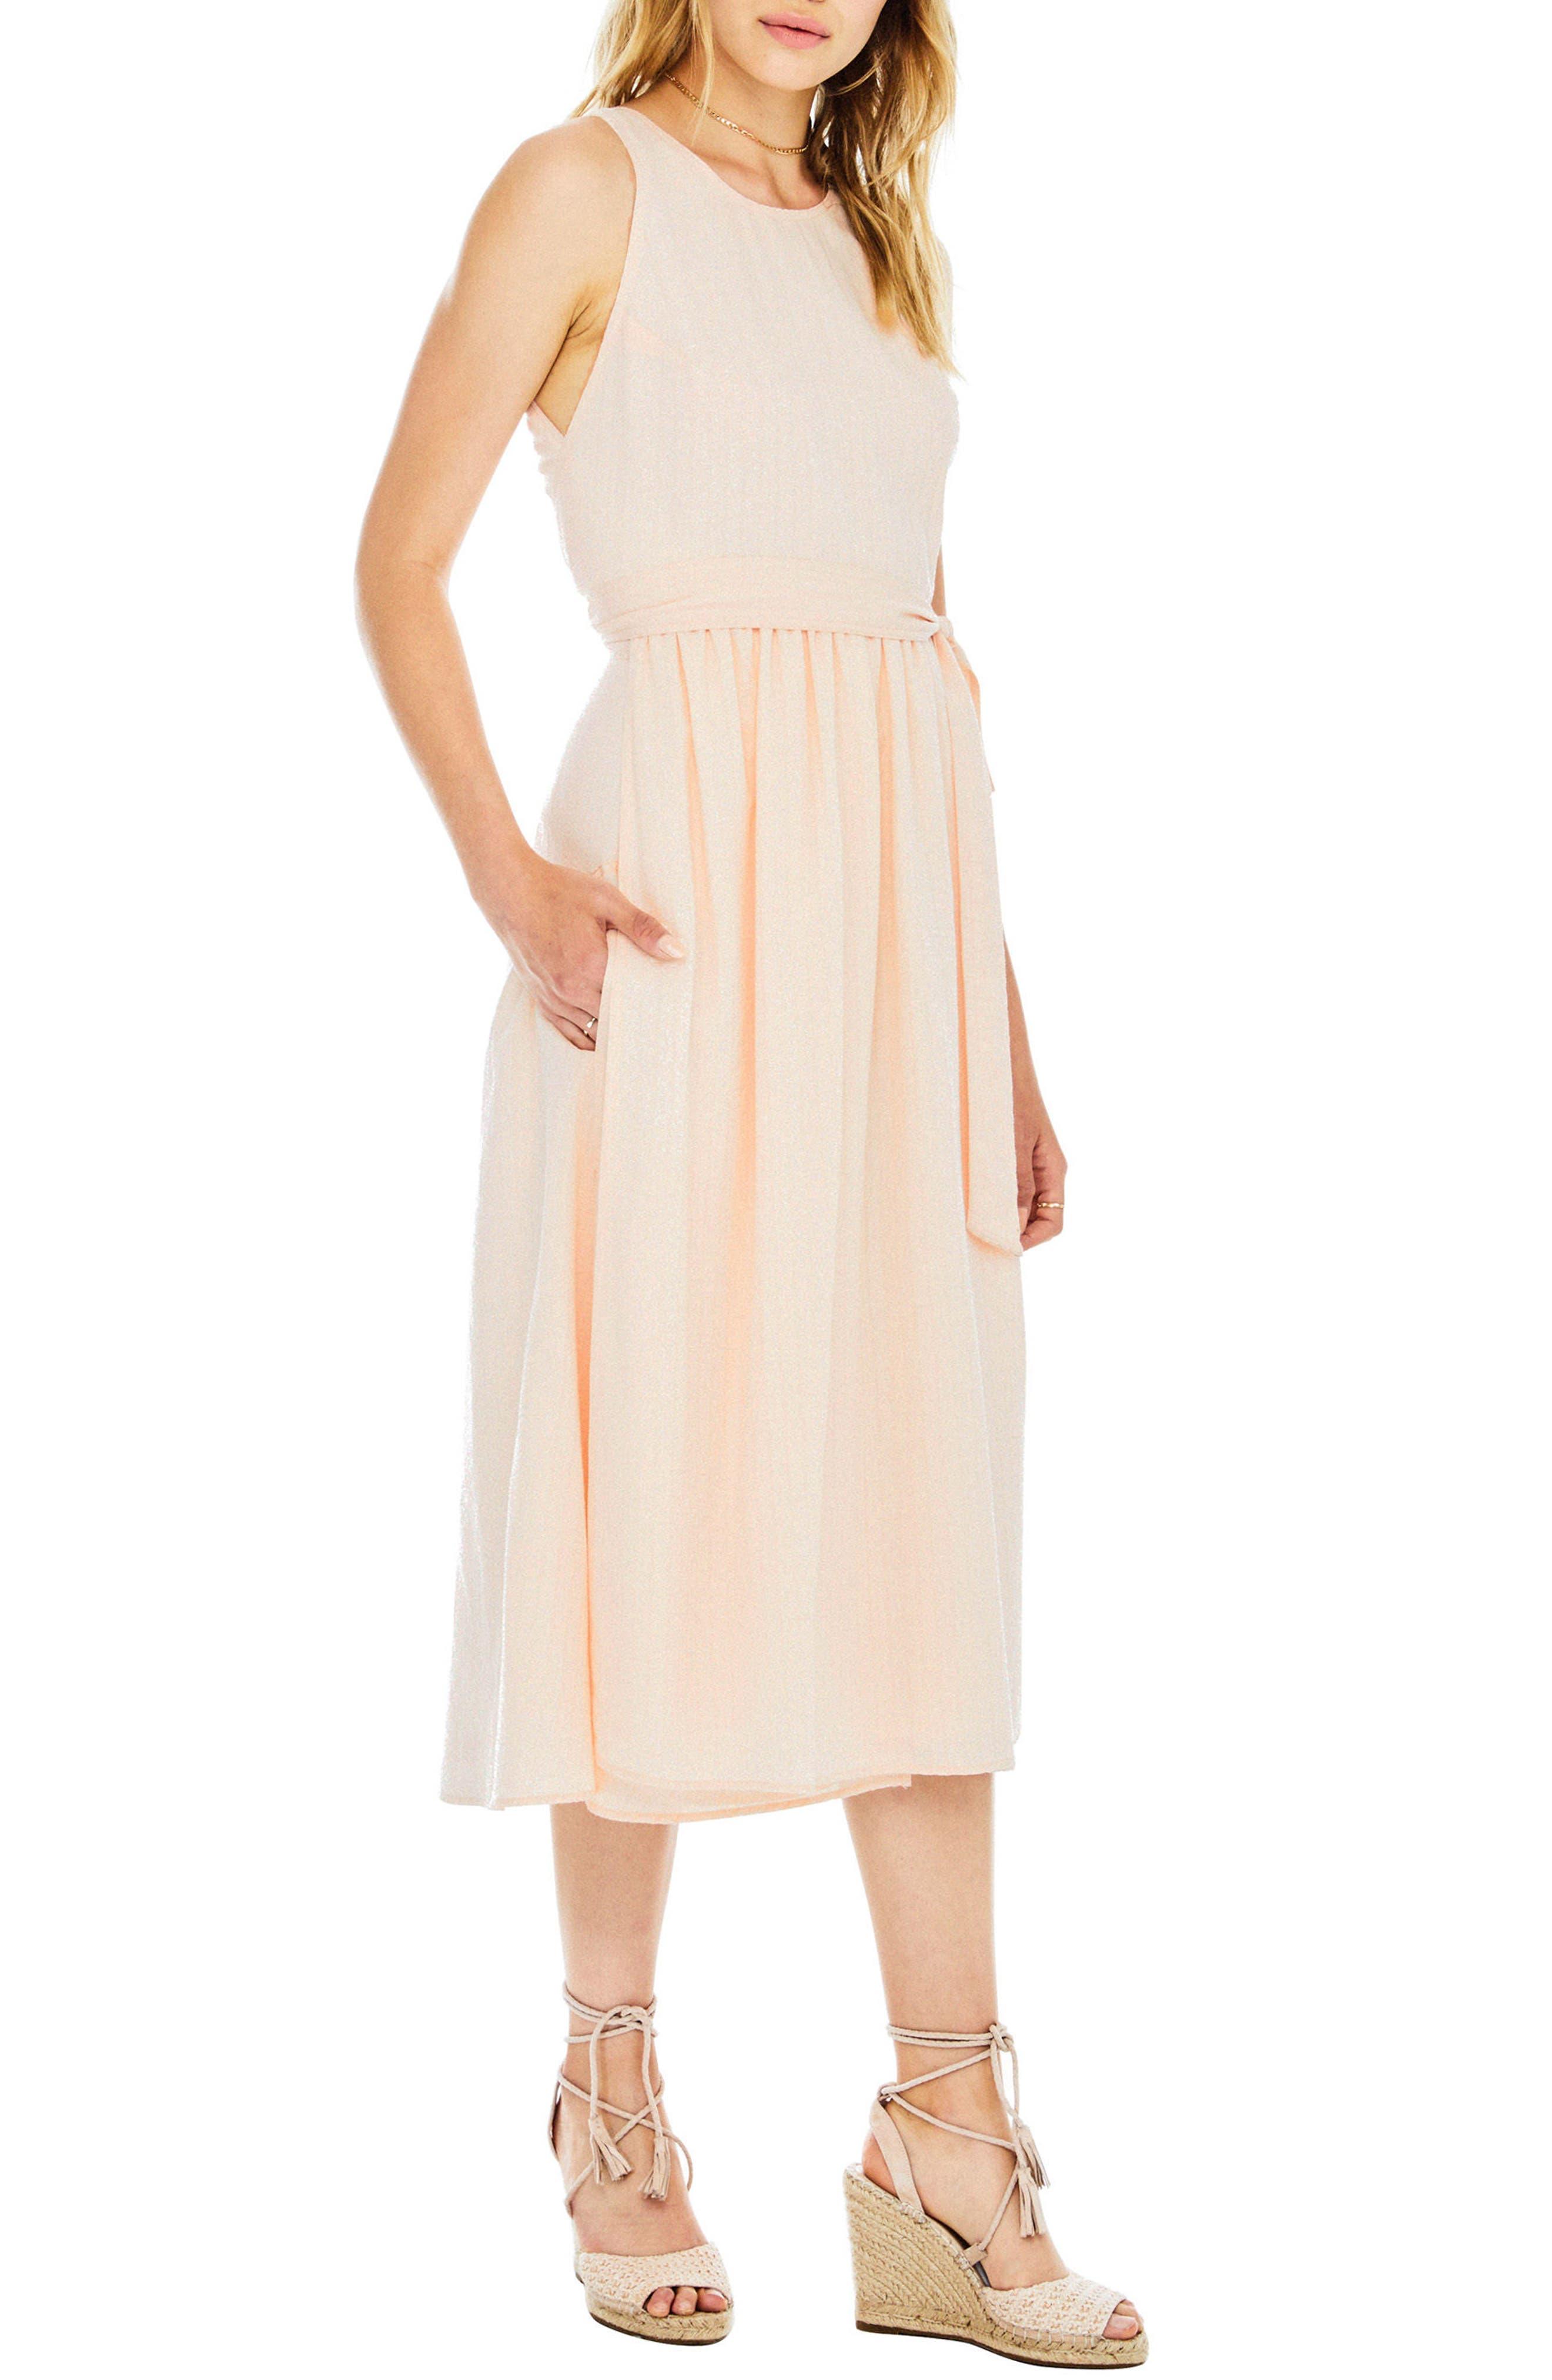 Brady Dress,                             Alternate thumbnail 4, color,                             Powder Pink